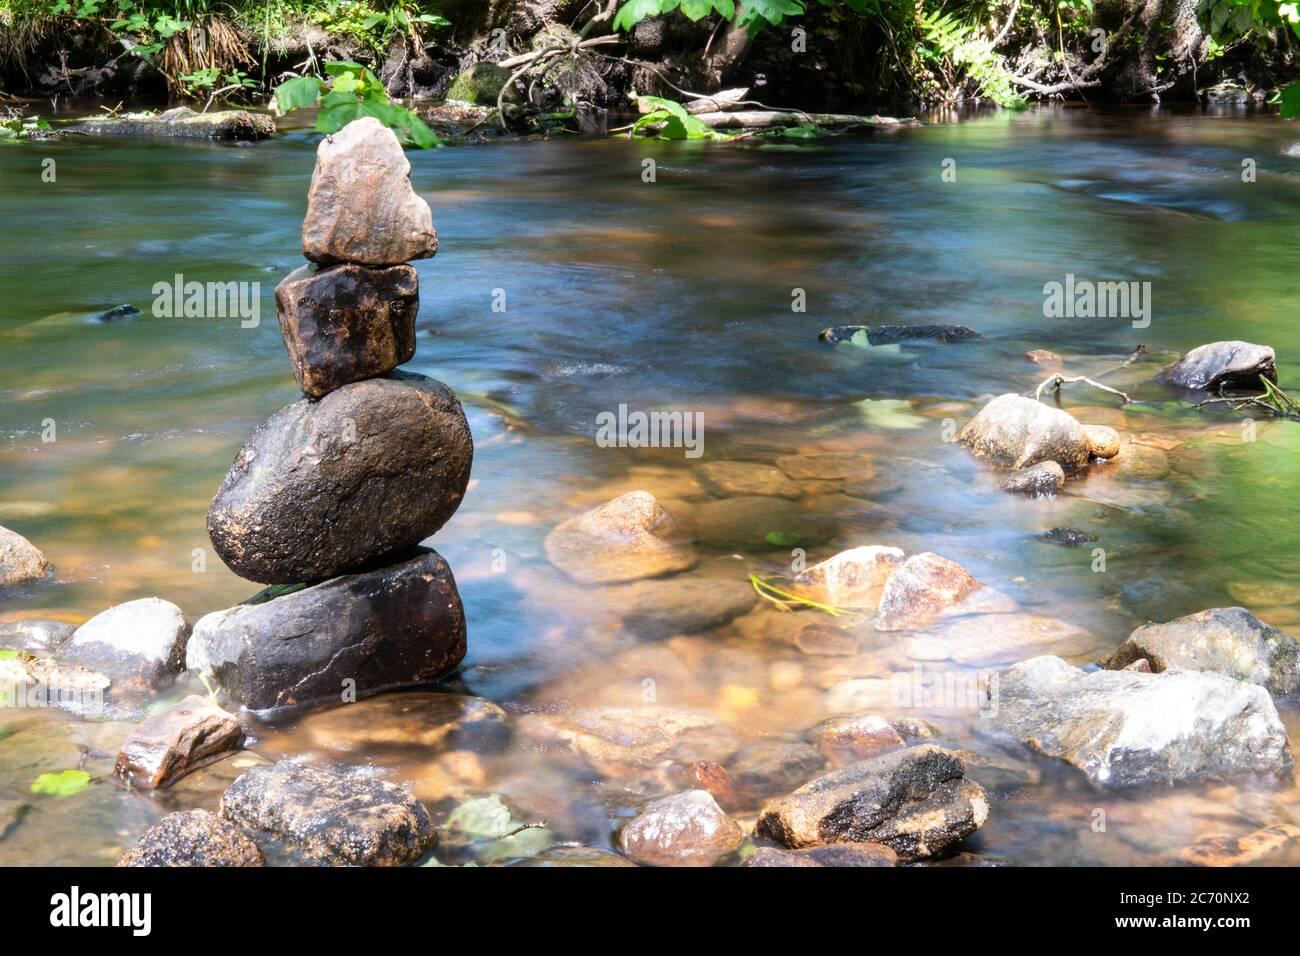 Roches zen équilibrées au bord de la rivière à la vallée de Rivelin près de Sheffield dans le South Yorkshire. Sélectionnez mise au point, exposition longue. Banque D'Images